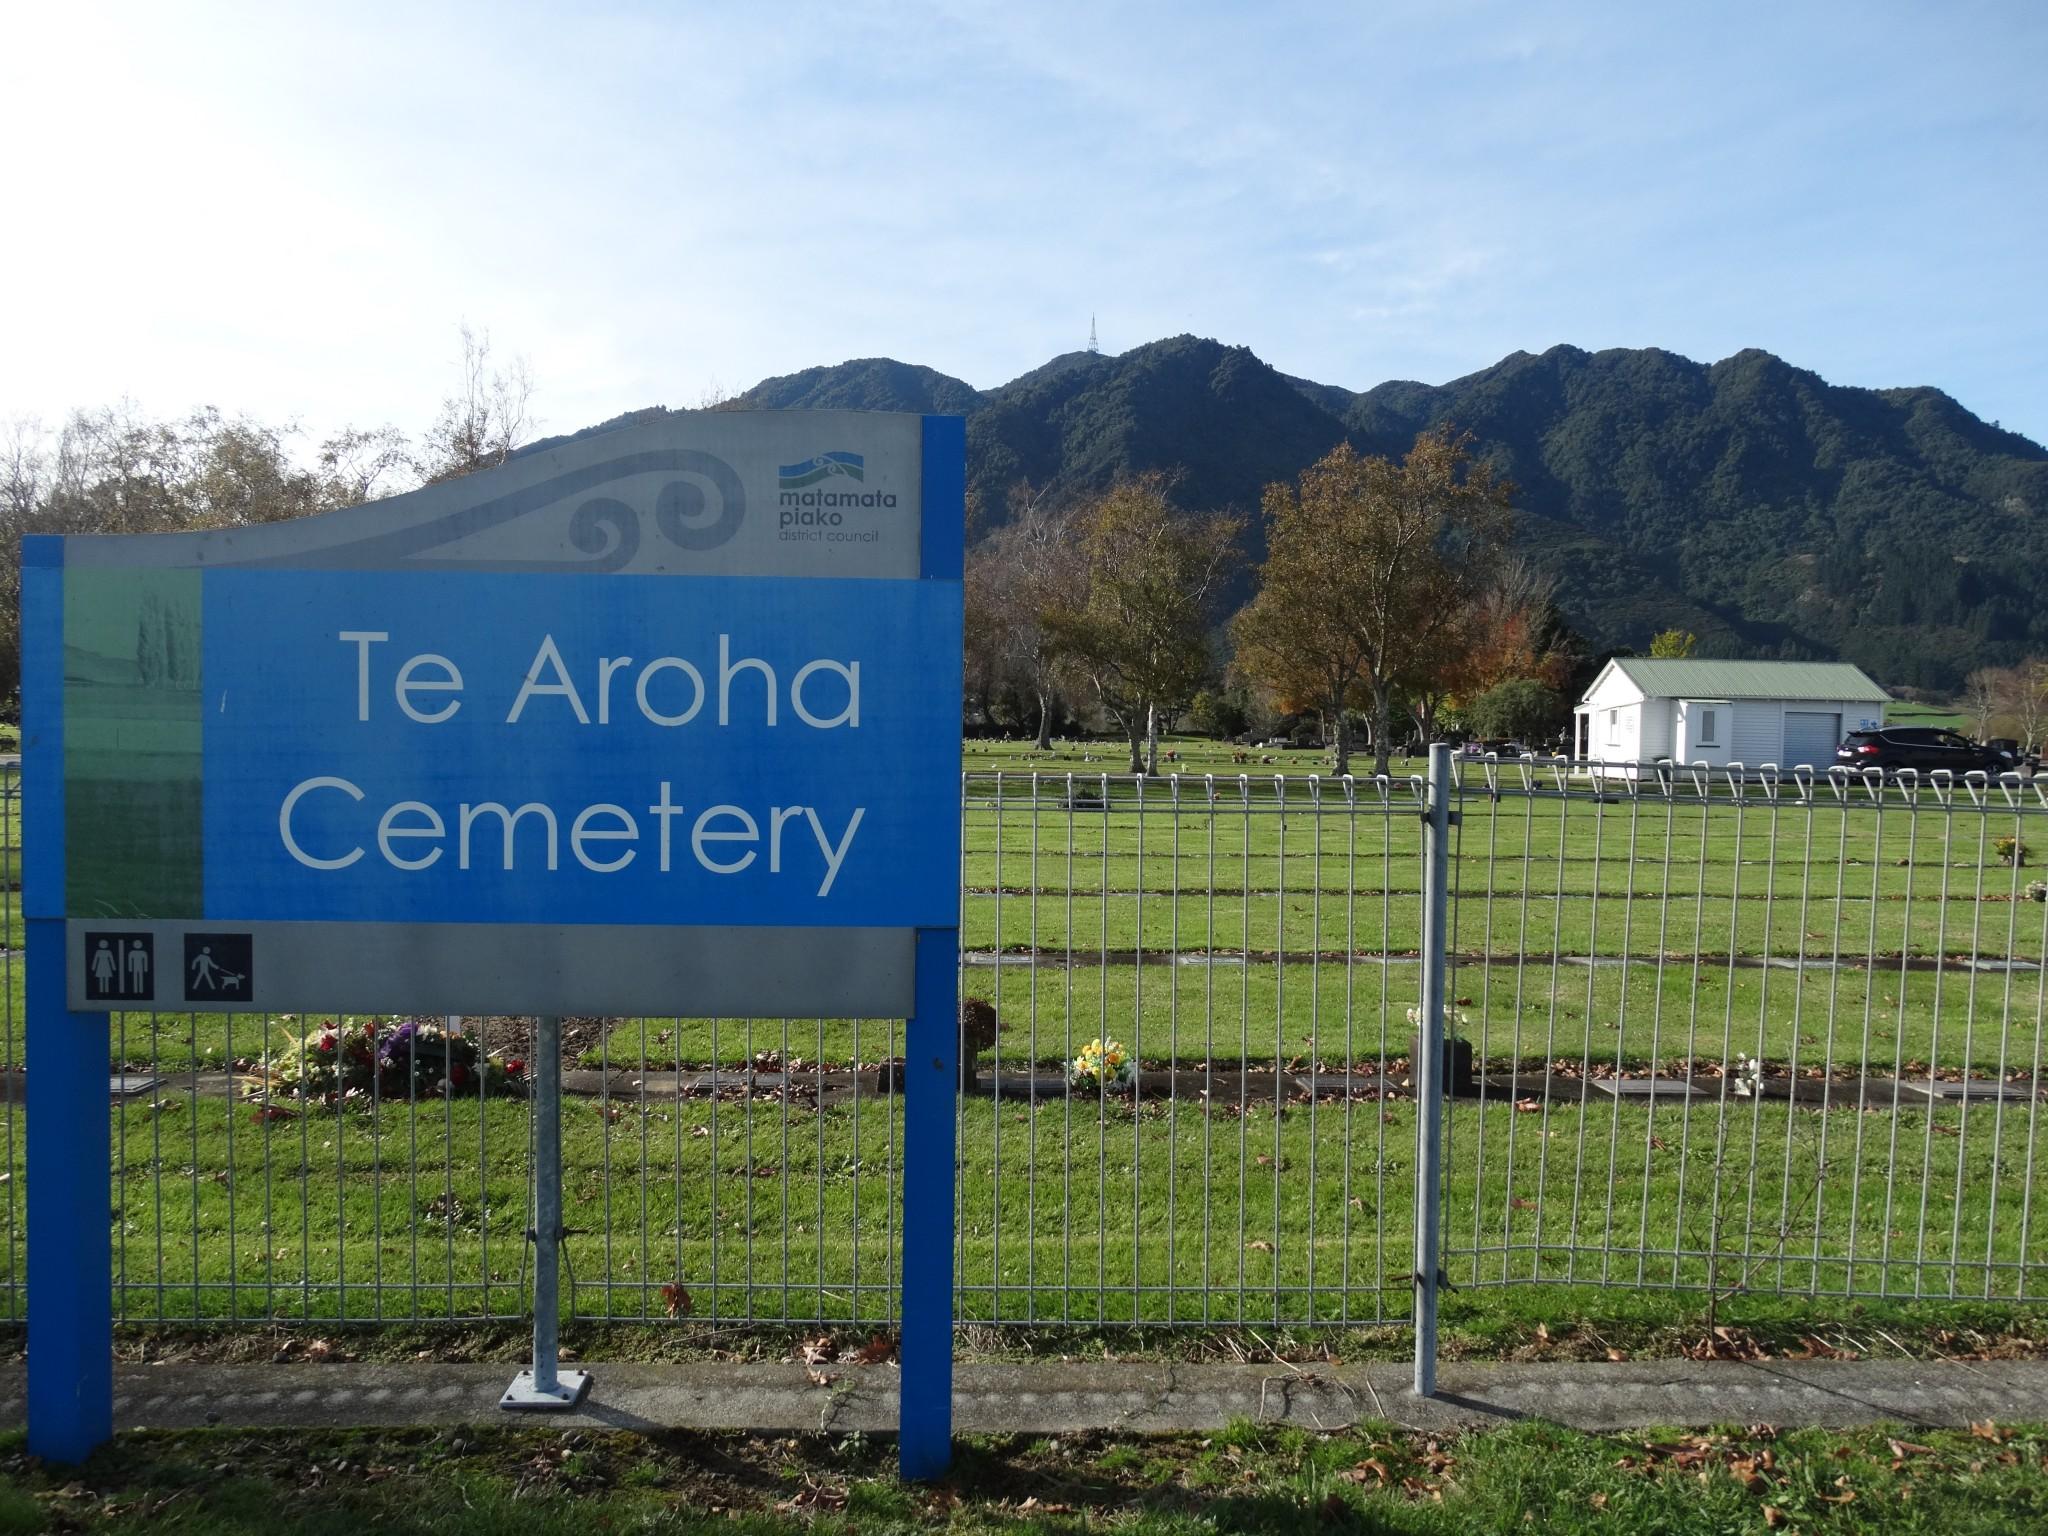 Te Aroha Cemetery